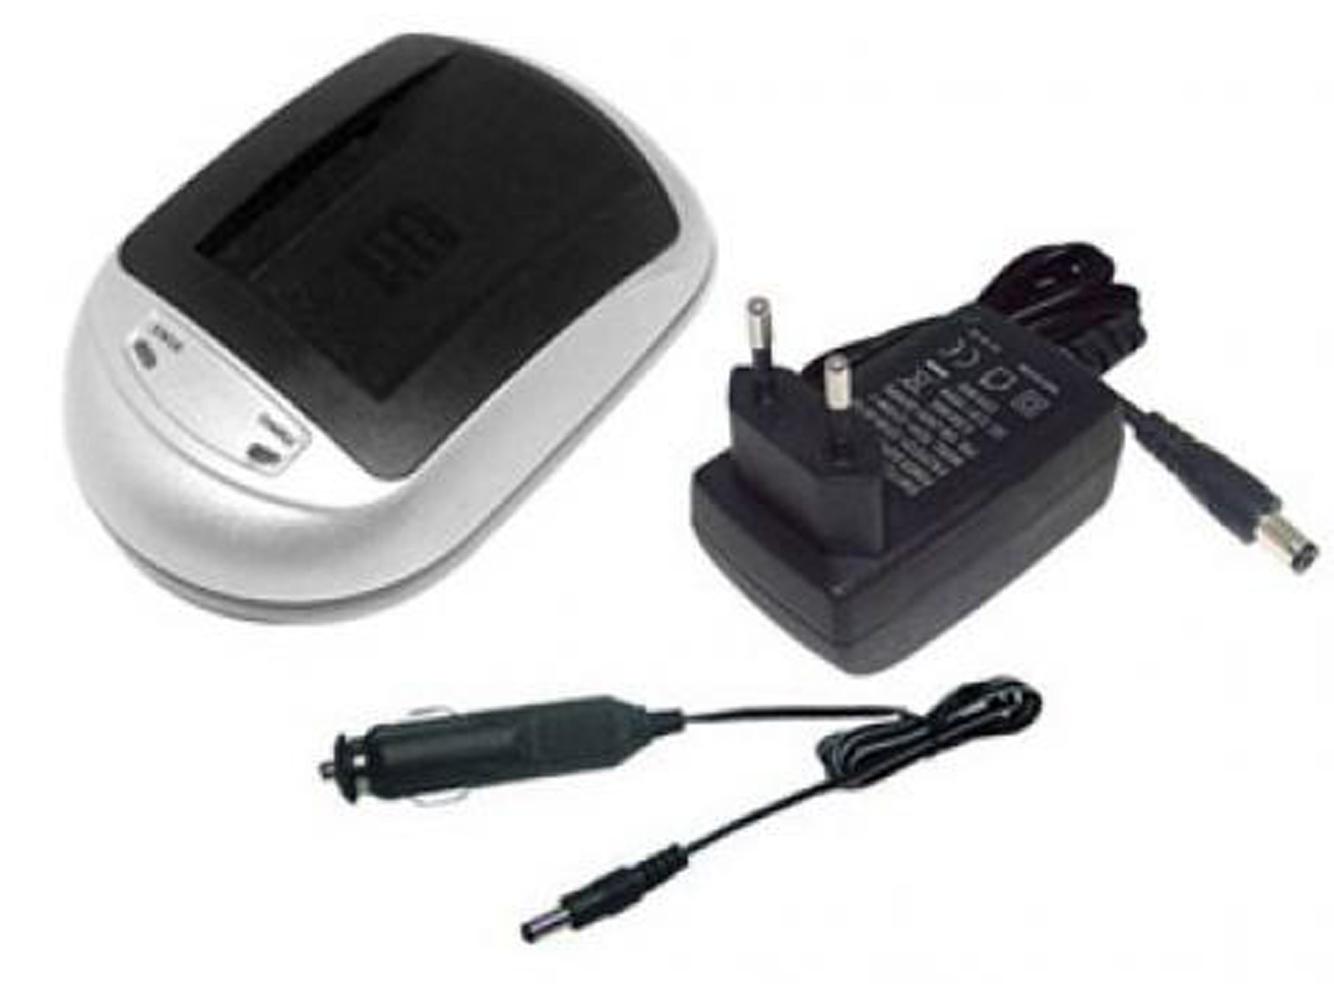 Battery Charger for PANASONIC DMW-BLB13, DMW-BLB13E, DMW-BLB13GK, DMW-BLB13E8, DMW-BLB13E9, DMW-BLB13PP